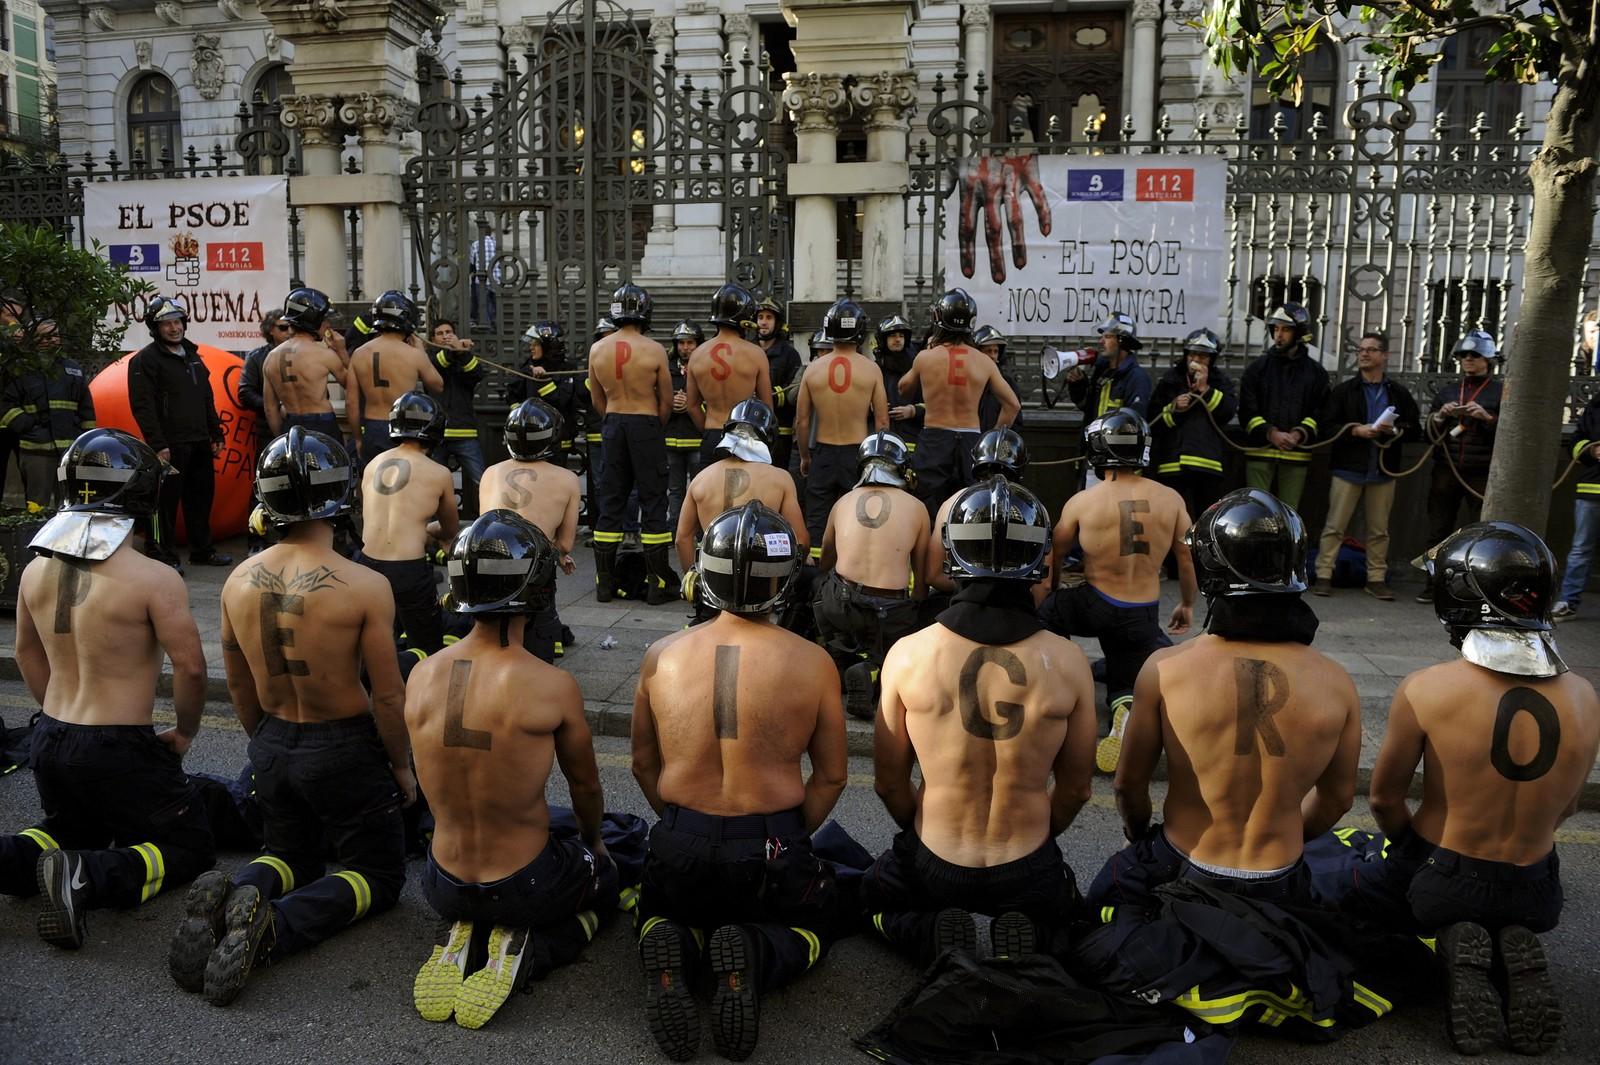 Spanske brannmenn demonstrerte på denne måten i Oviedo, Spania, denne uka. De krever bedre lønninger og sikkerhet. Bokstavene malt på ryggtavlene former ordene PSOE (Spanias sosialistiske parti) setter deg i fare.